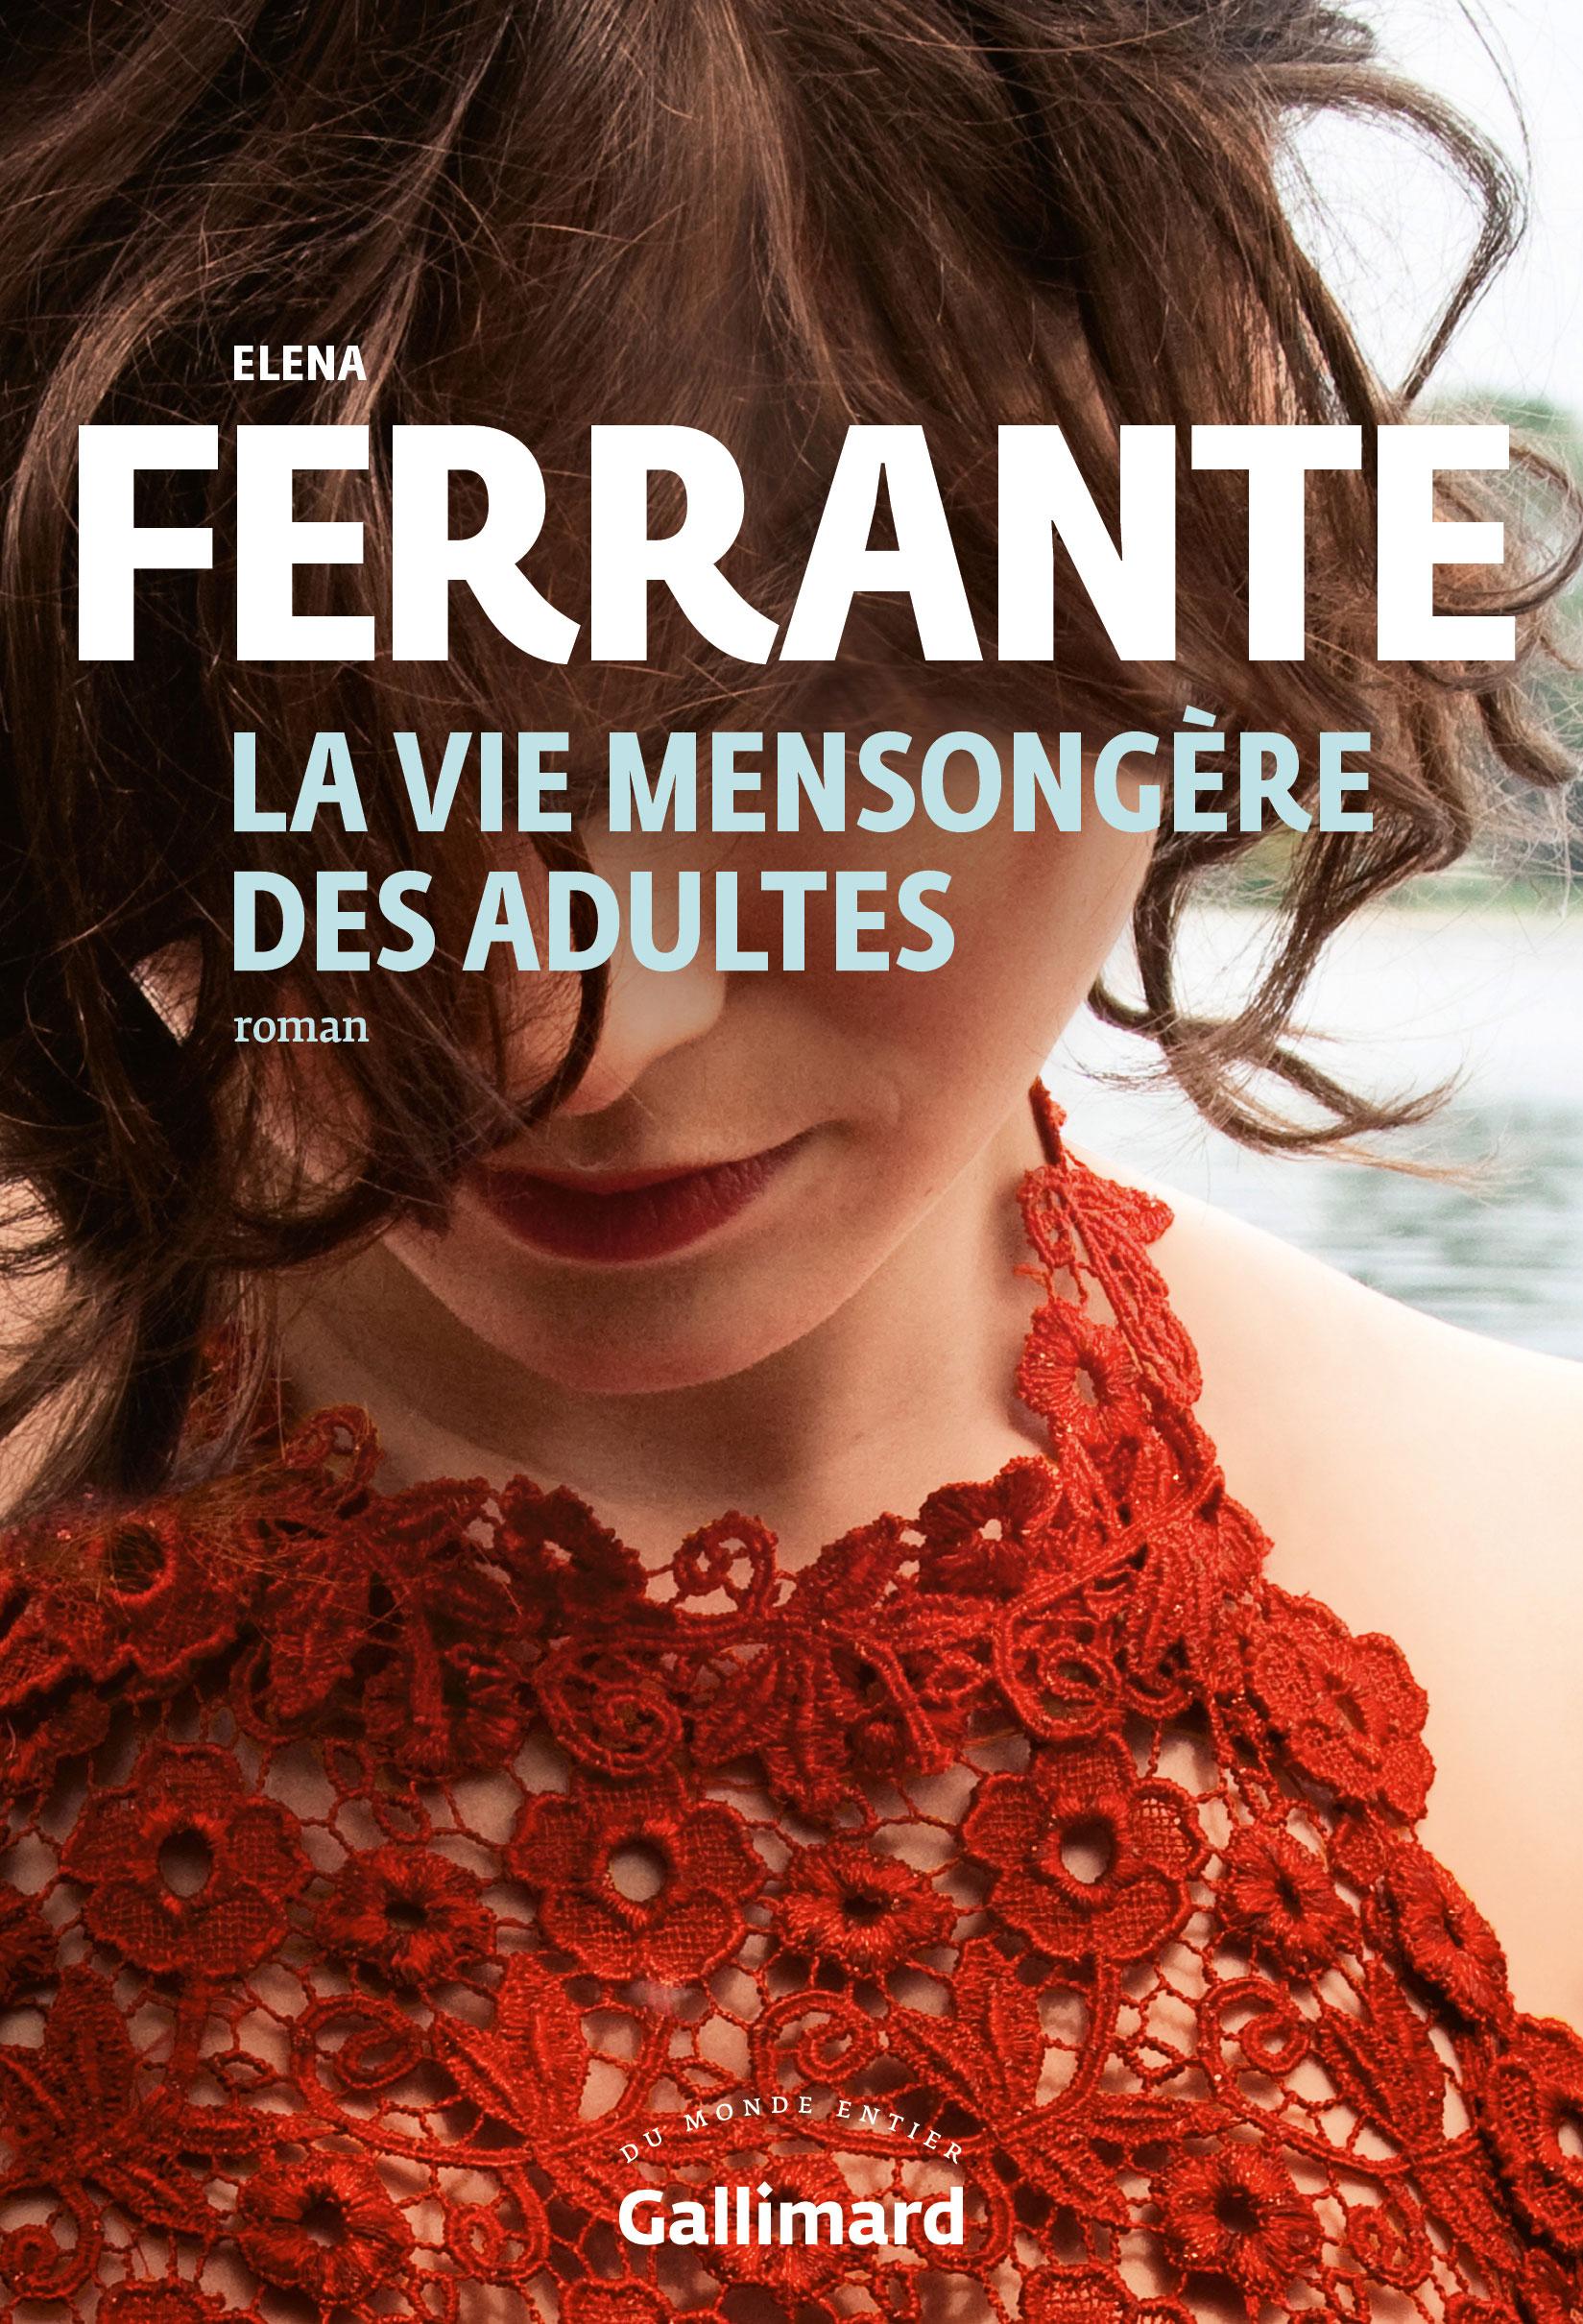 Elena Ferrante continue de décrire la vie compliquée des femmes